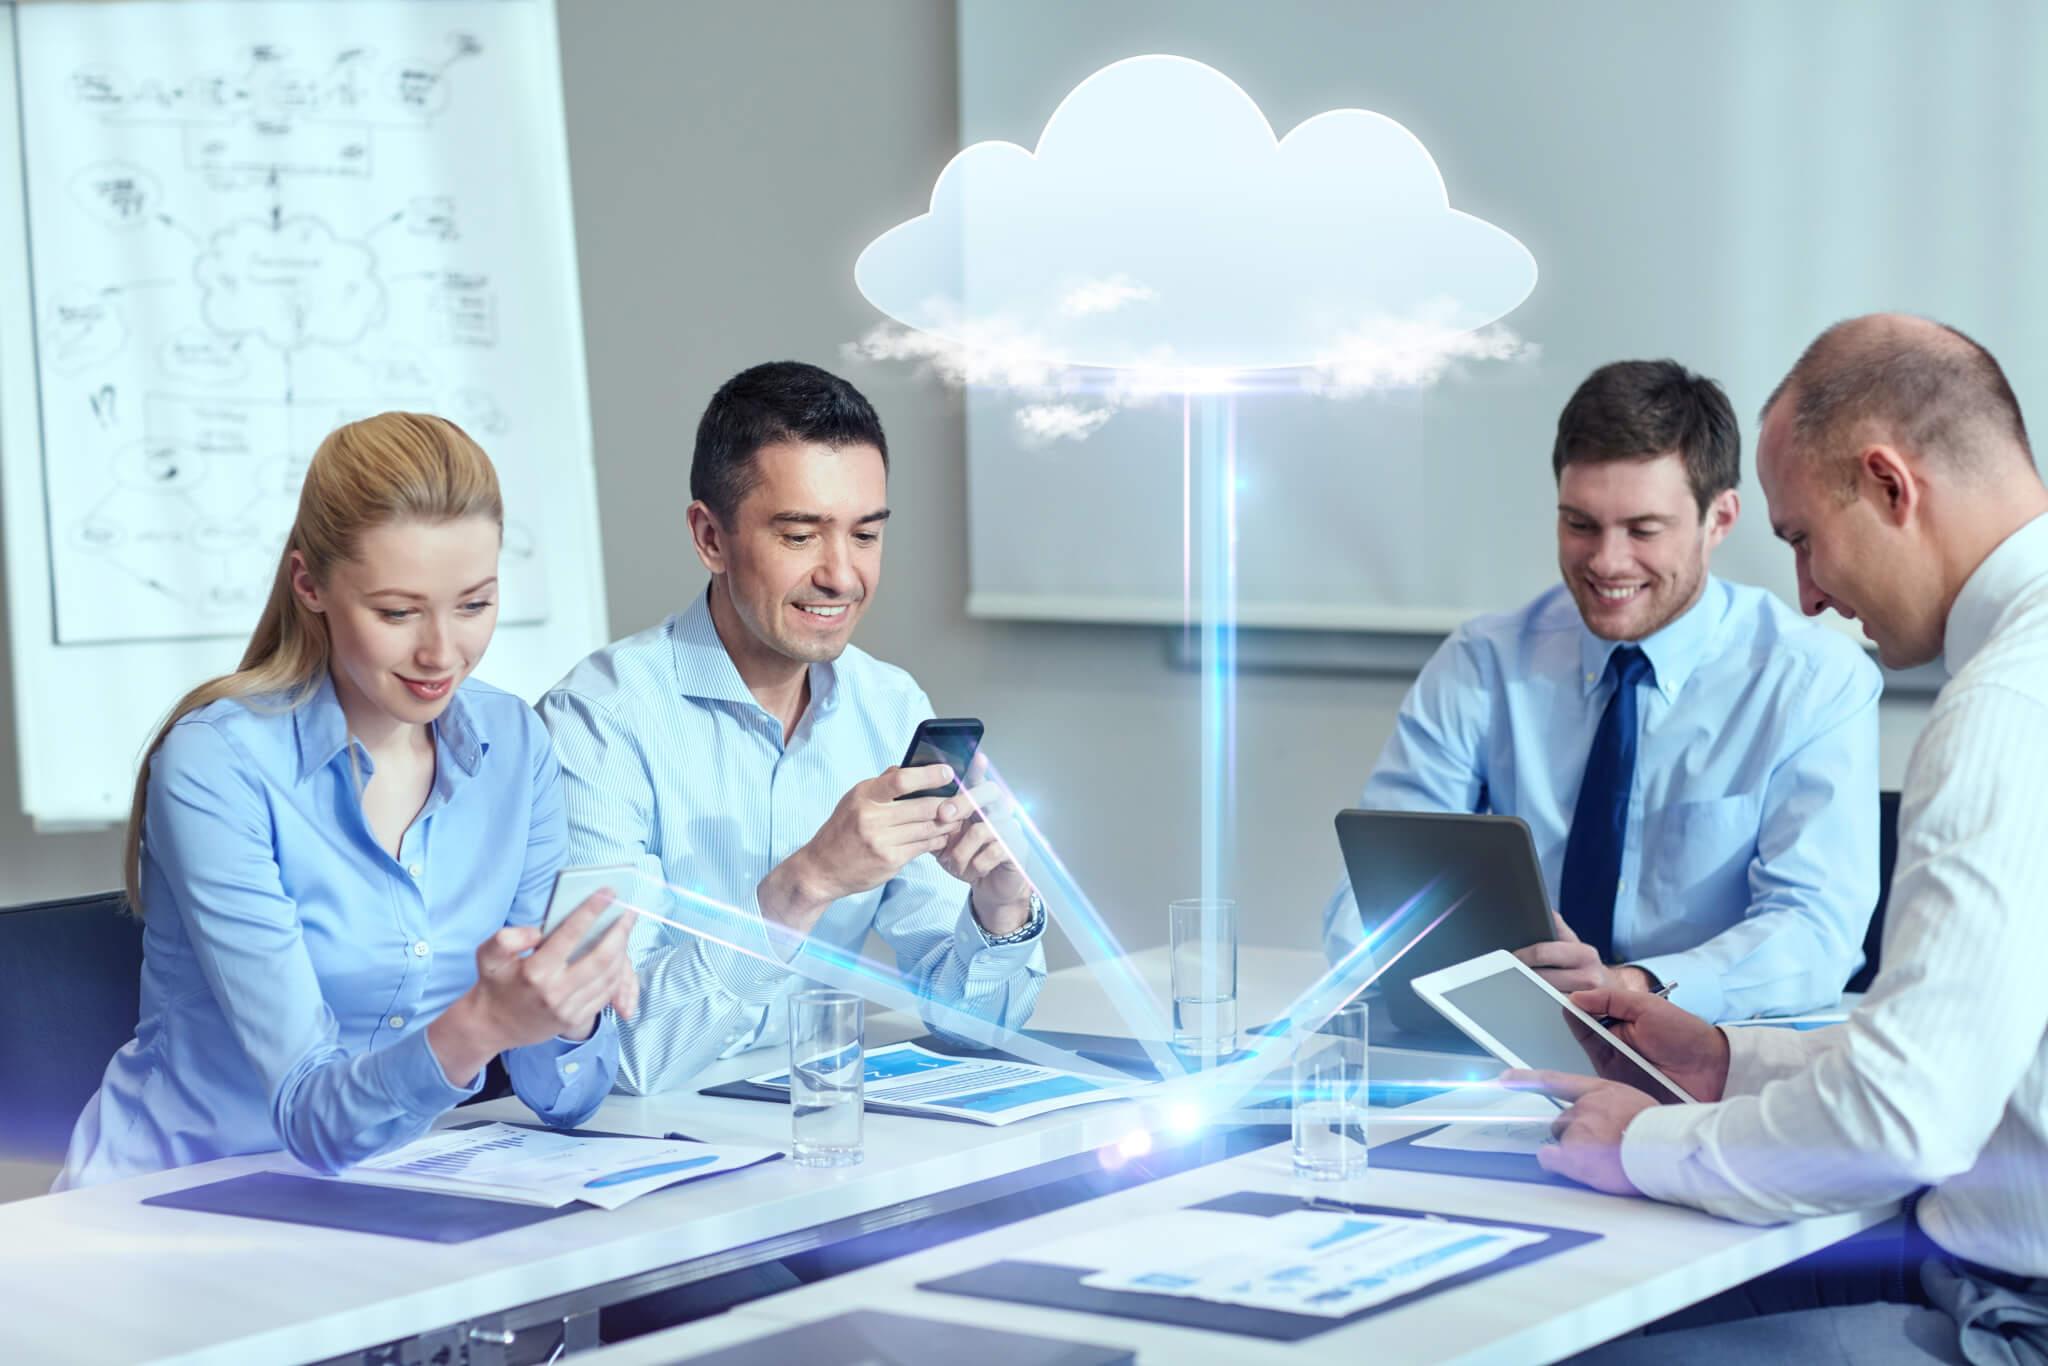 O mundo contábil em evolução: tecnologia e contabilidade colaborativa